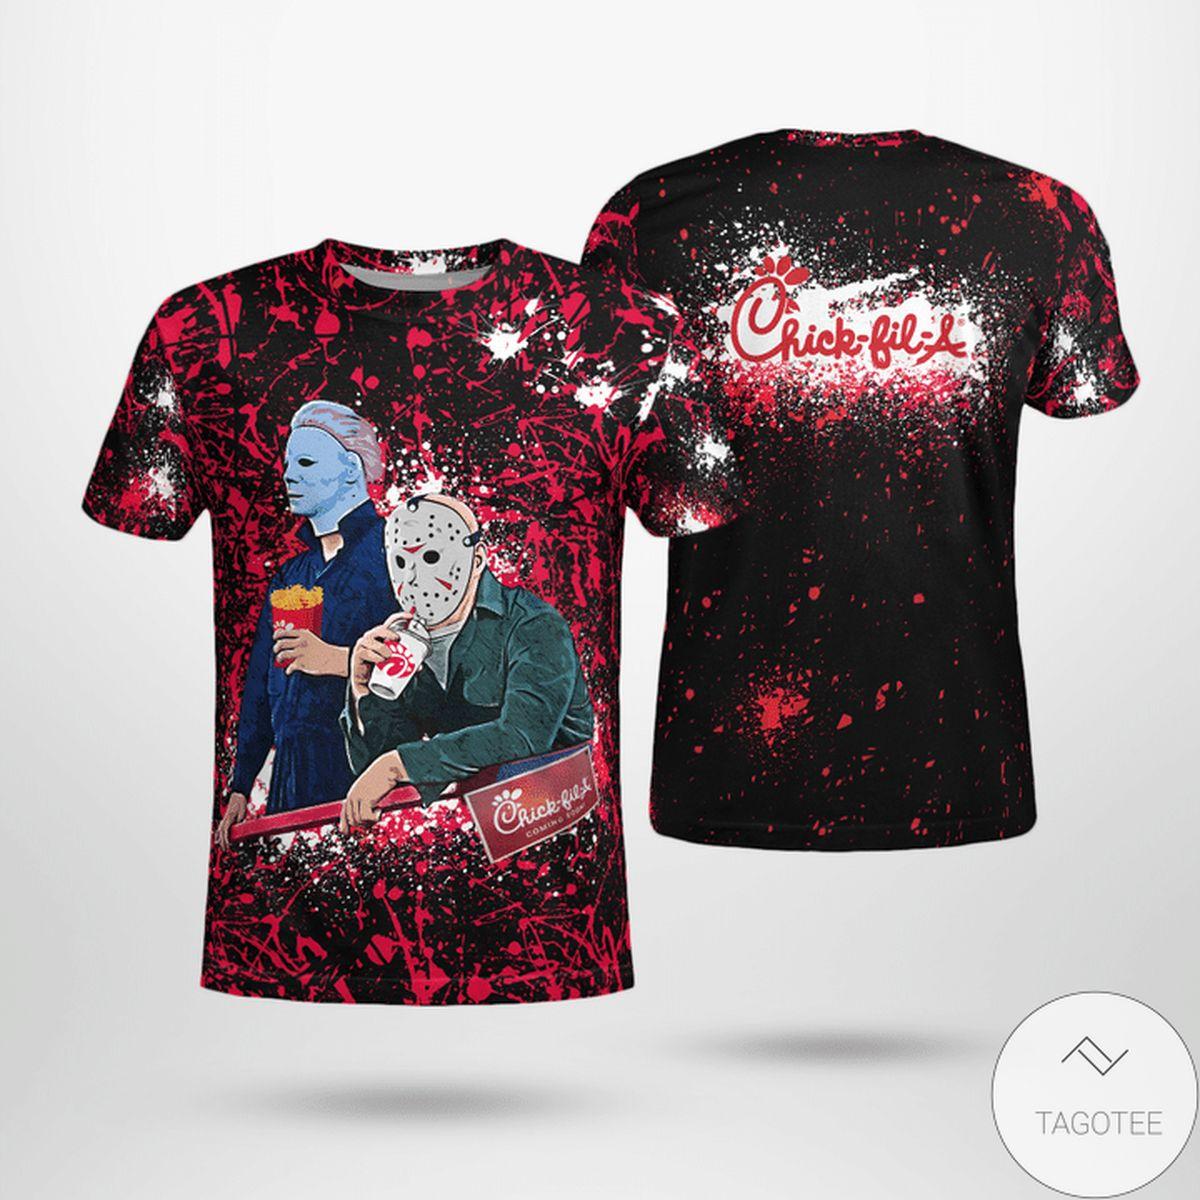 Halloween Chick-fil-A Jason Voorhees Michael Myers Shirt